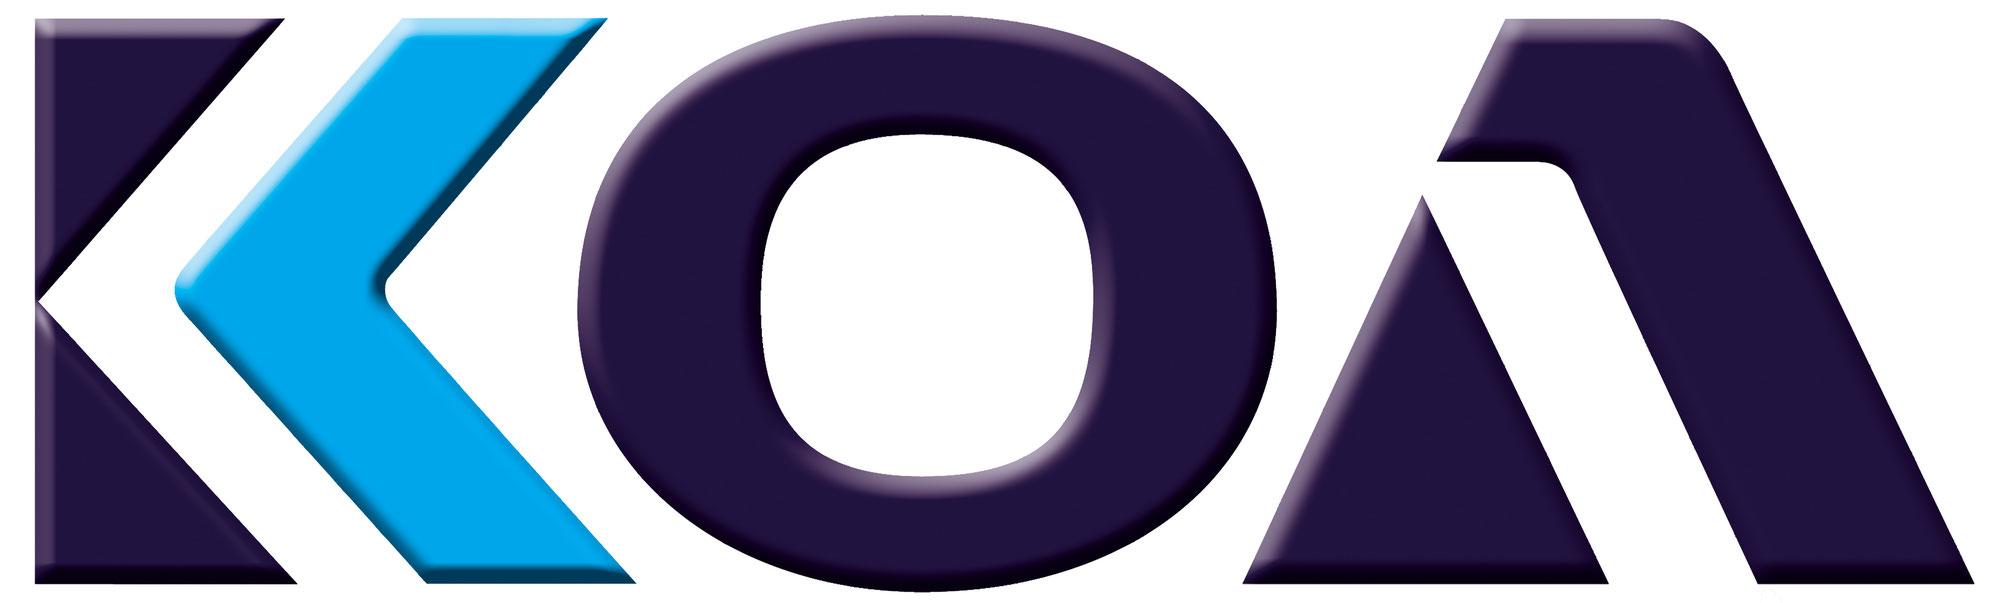 KOA - SLR-Serie